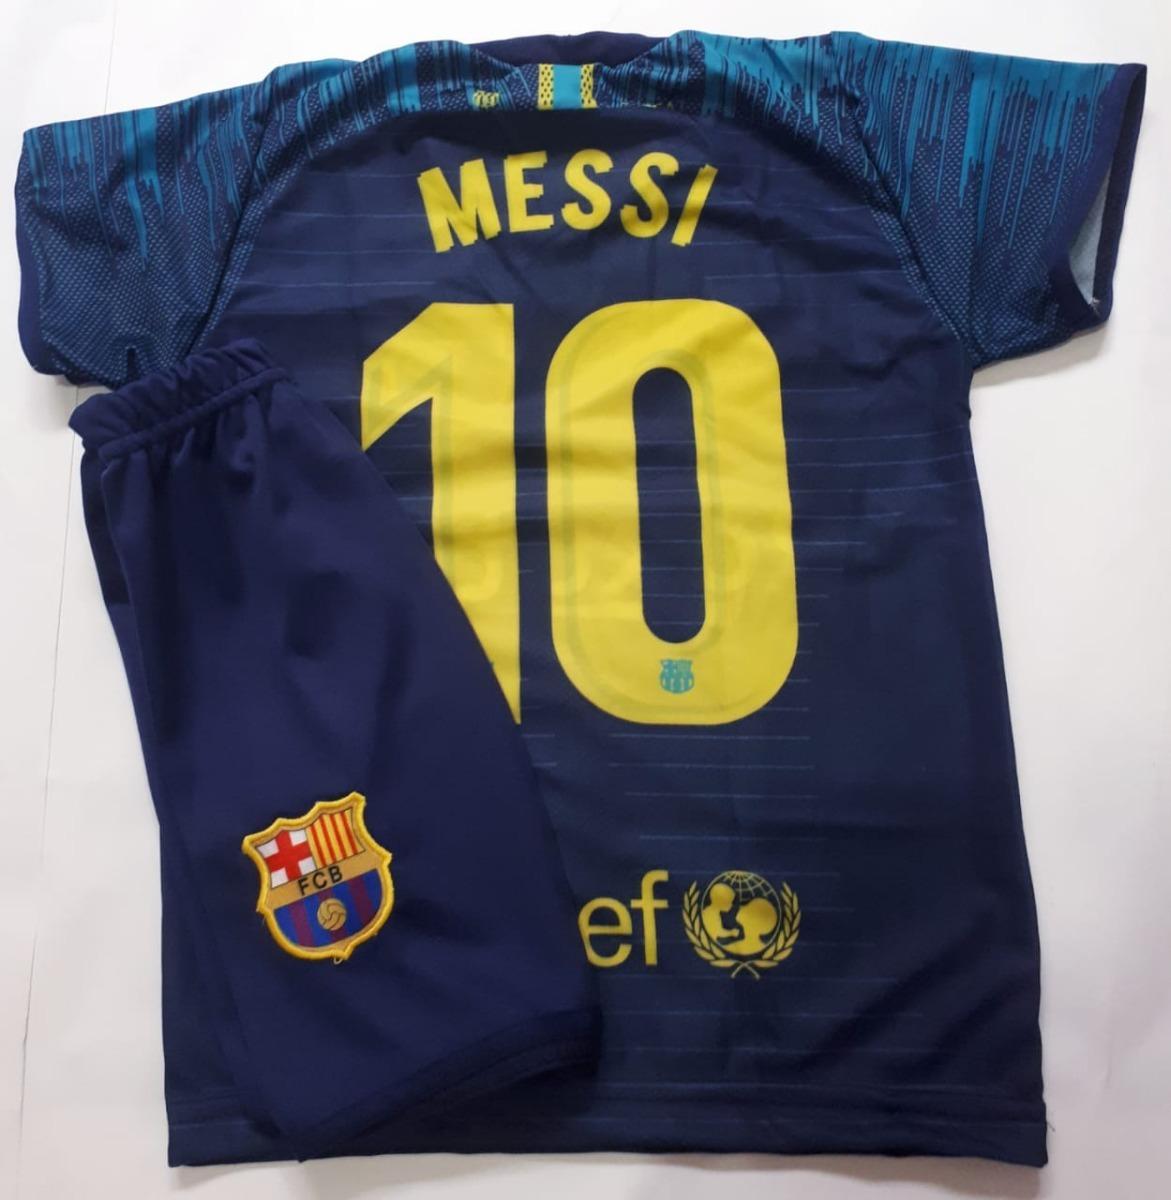 9b9f29de9e81b conjunto infantil uniforme barcelona futebol. Carregando zoom.